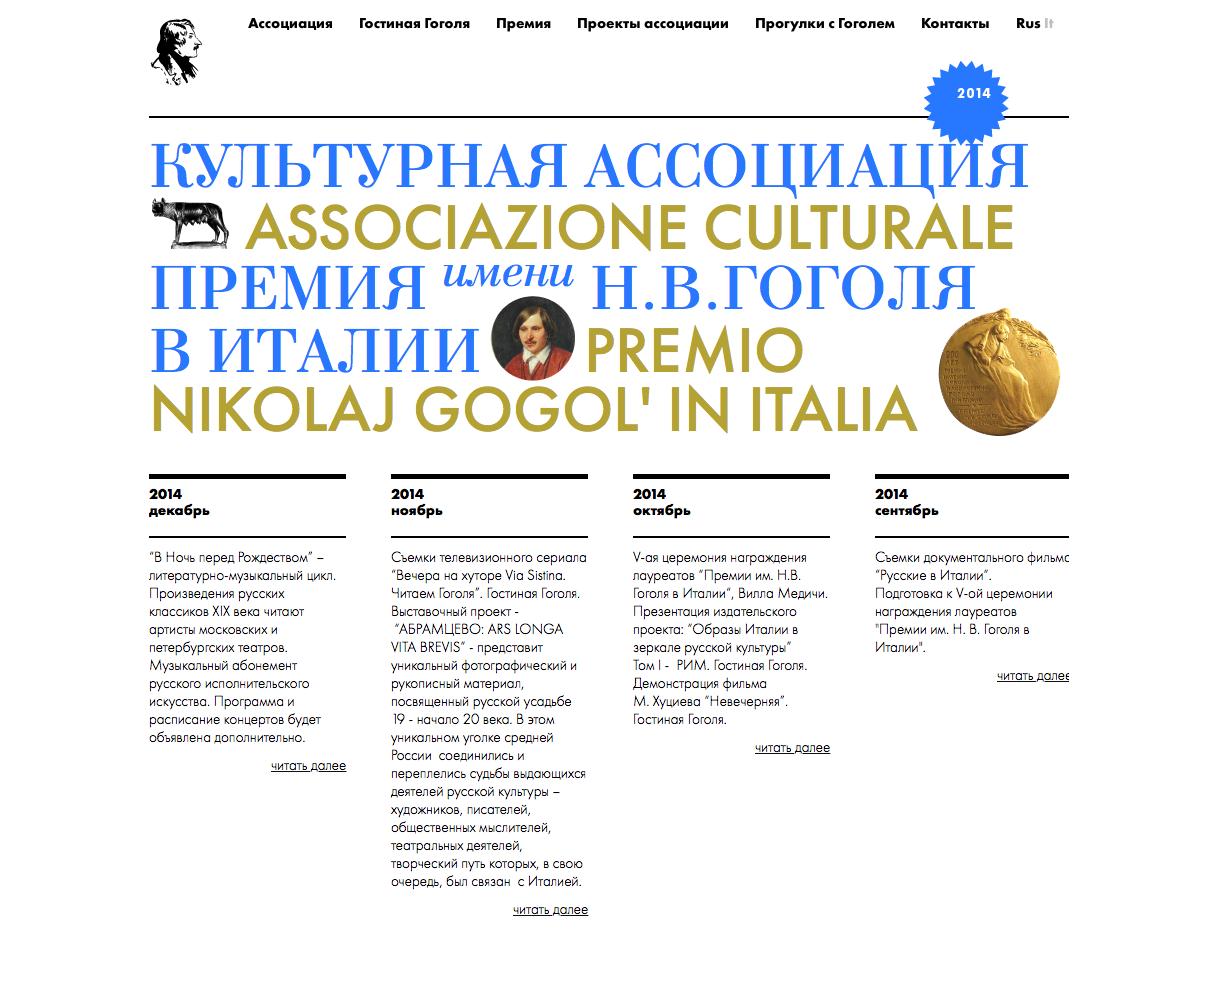 Разработка веб сайта для российской культурной ассоциации